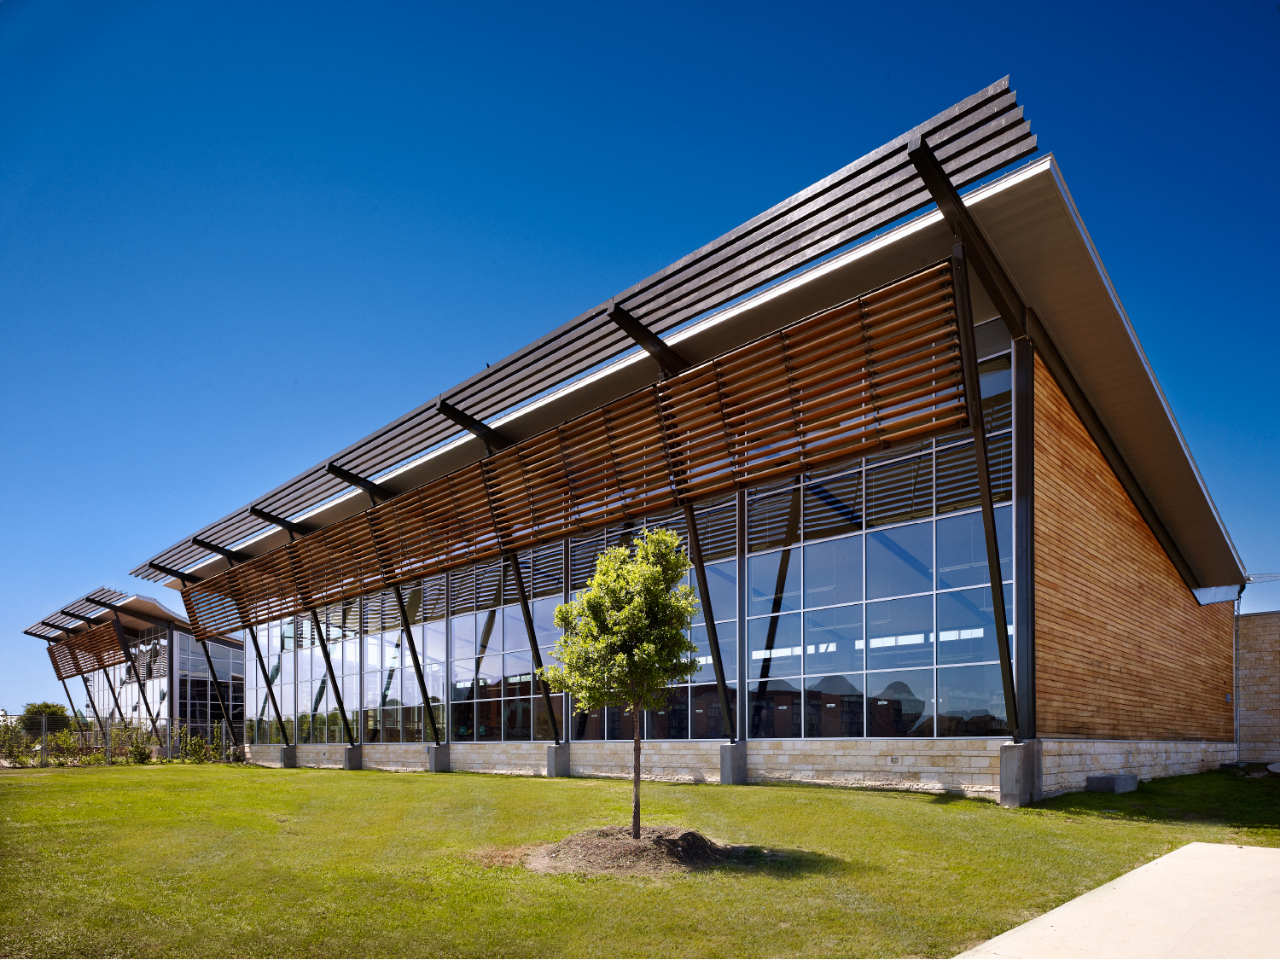 Schertz Public Library / Kell Muñoz Architects